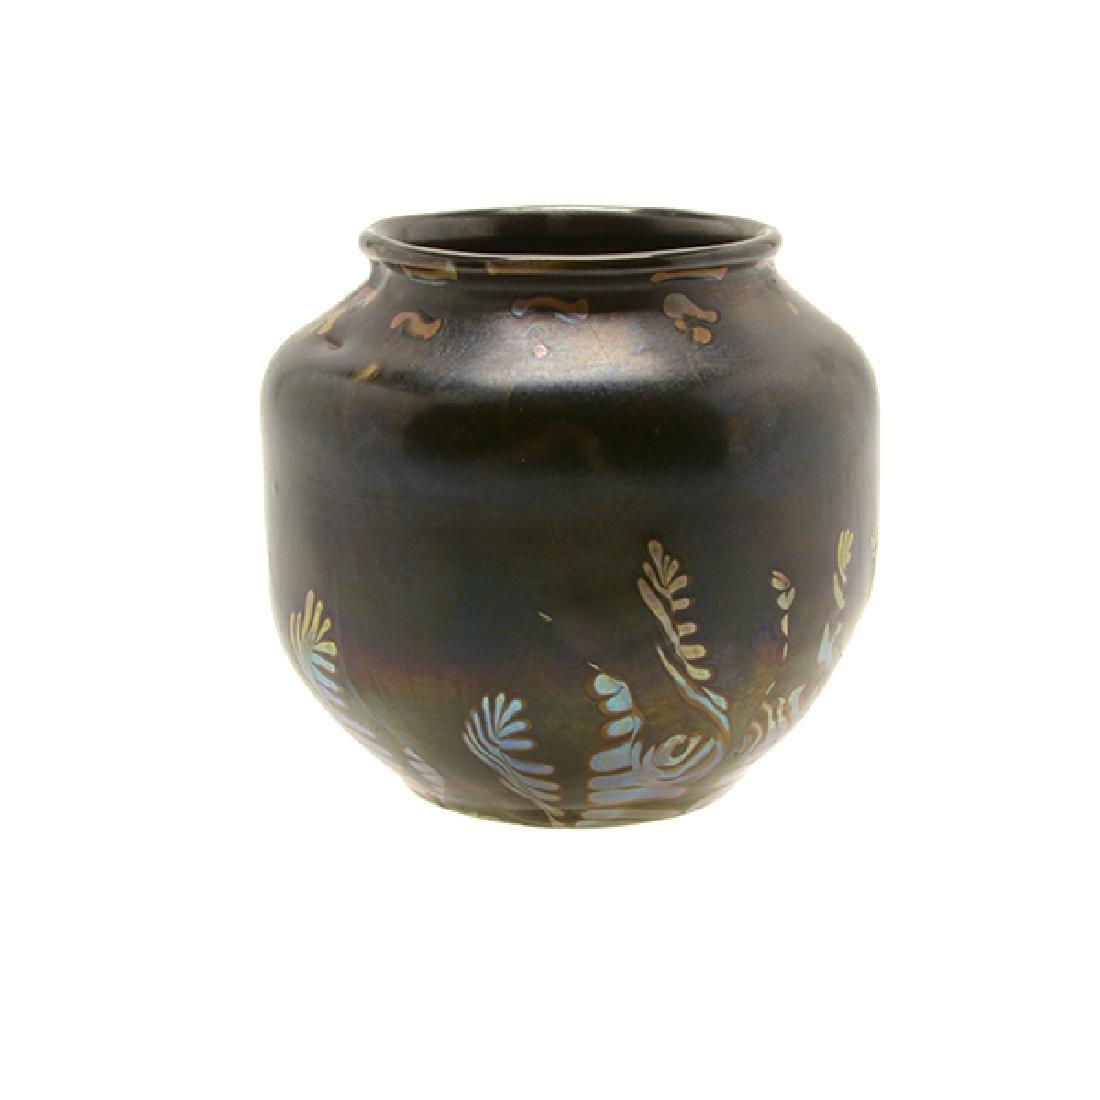 Tiffany Studios Favrile Vase - 4